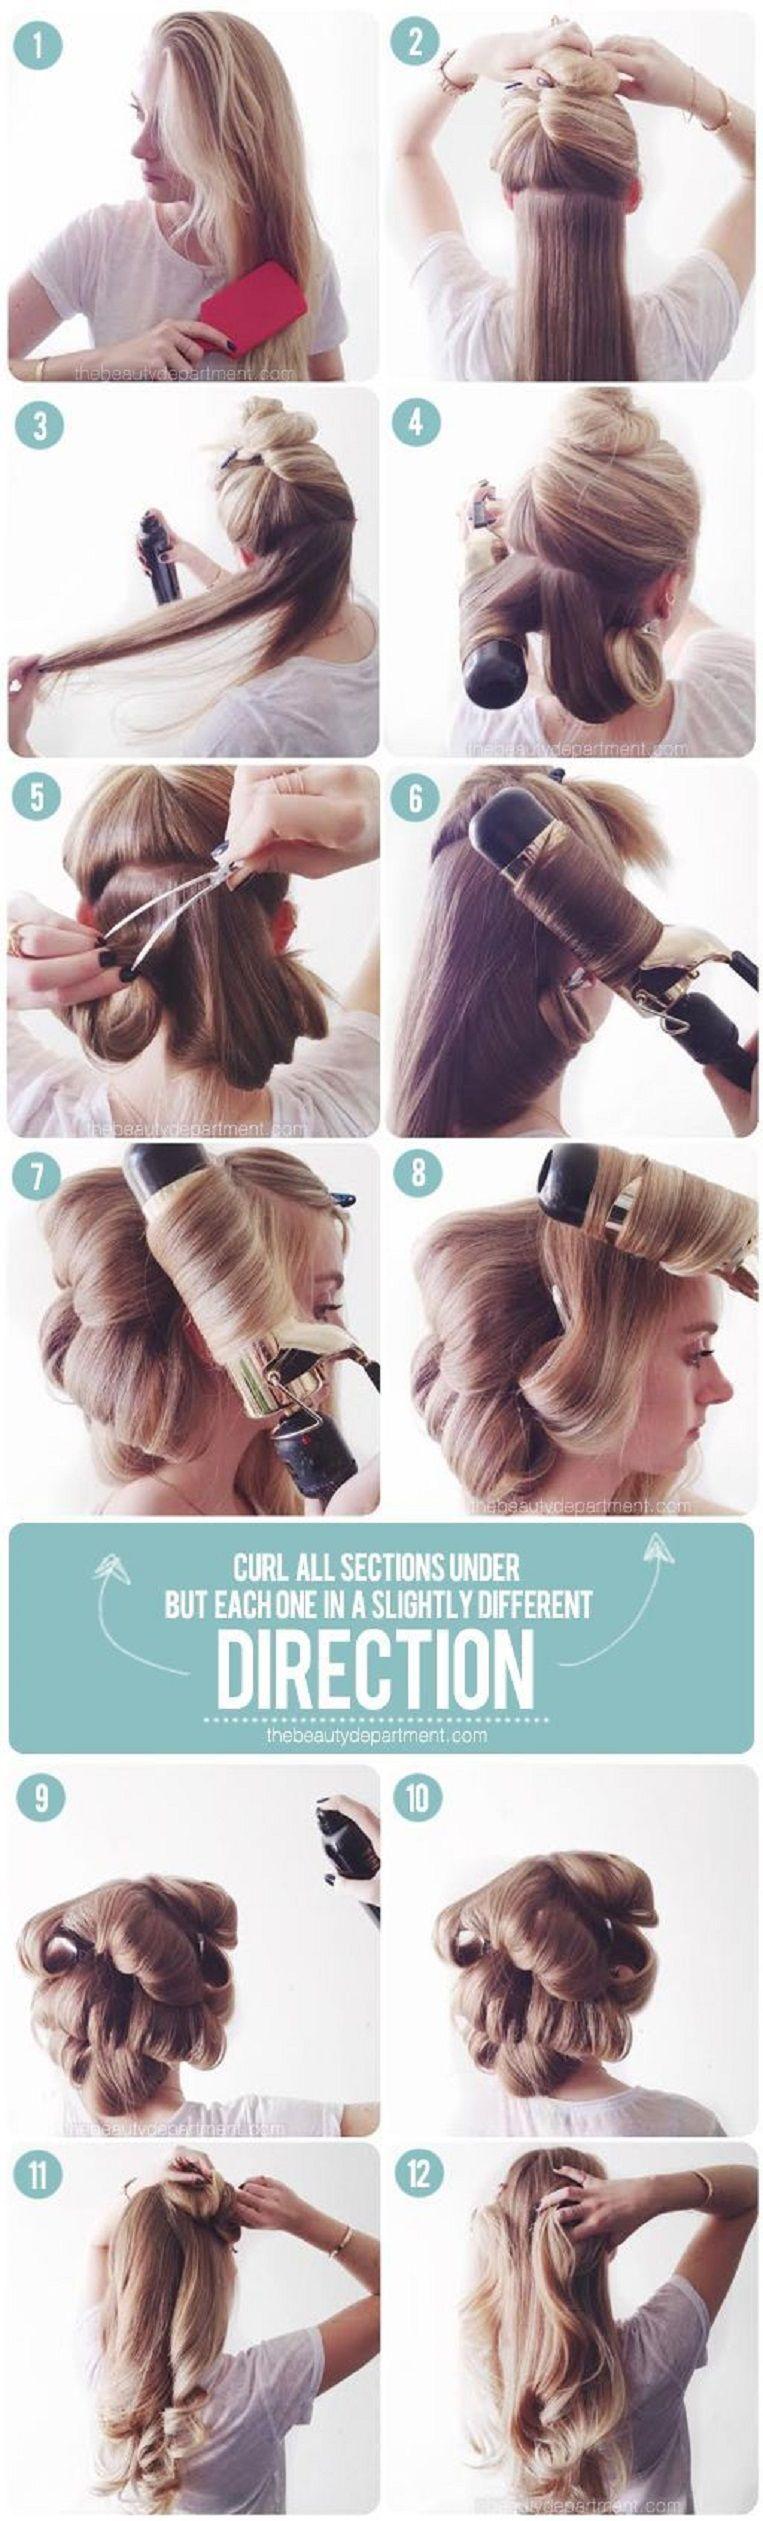 16 Perfect Beach Wavy Hair Tutorials Gleamitup Hair Styles Long Hair Styles Hair